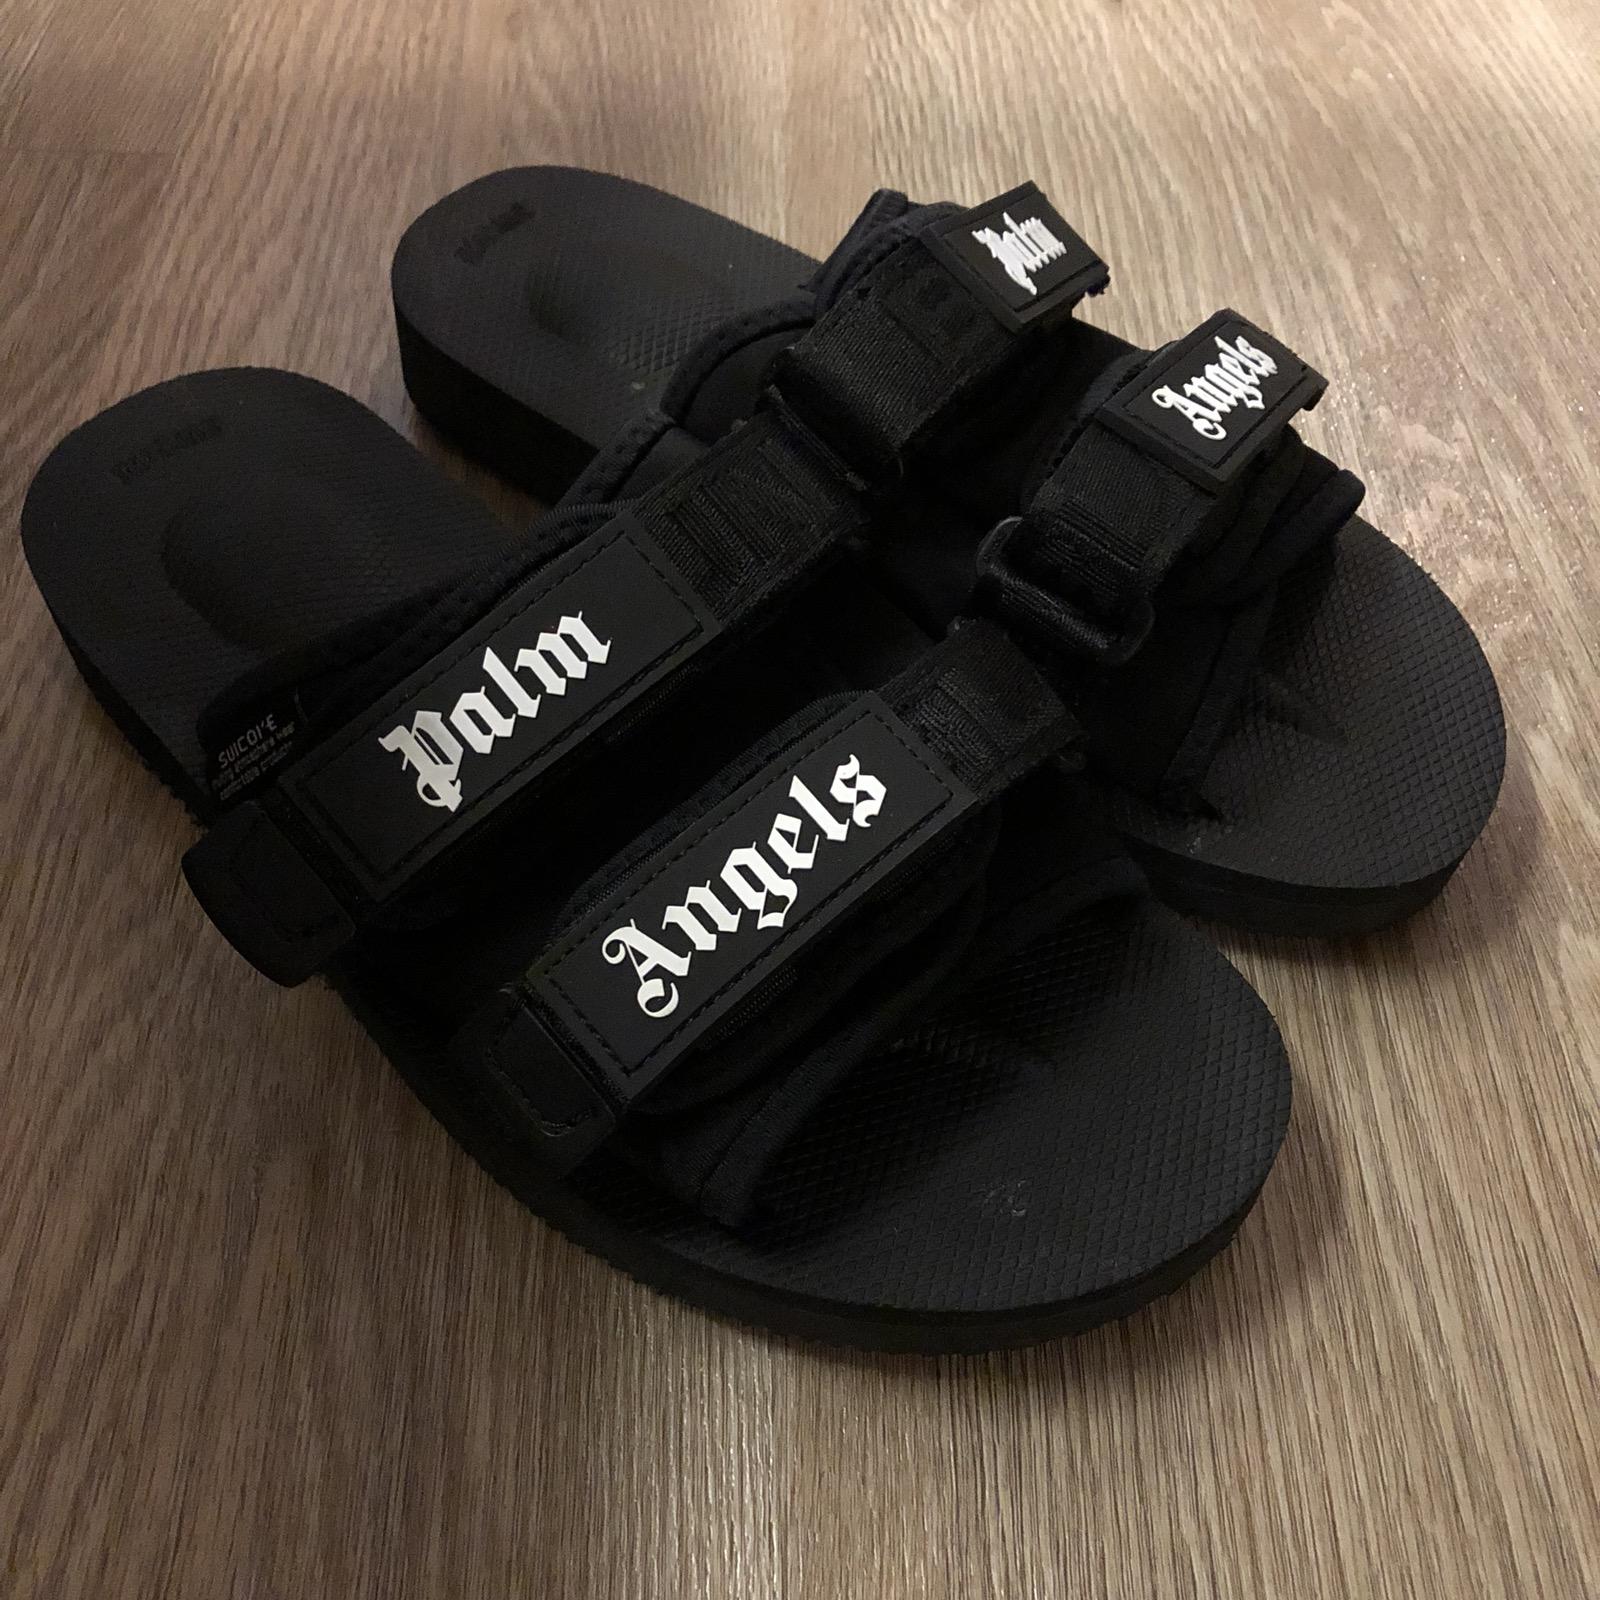 9cc9190390ef Suicoke Palm Angels x Suicoke Moto Sandals US 8 Size 8 - Sandals for Sale -  Grailed